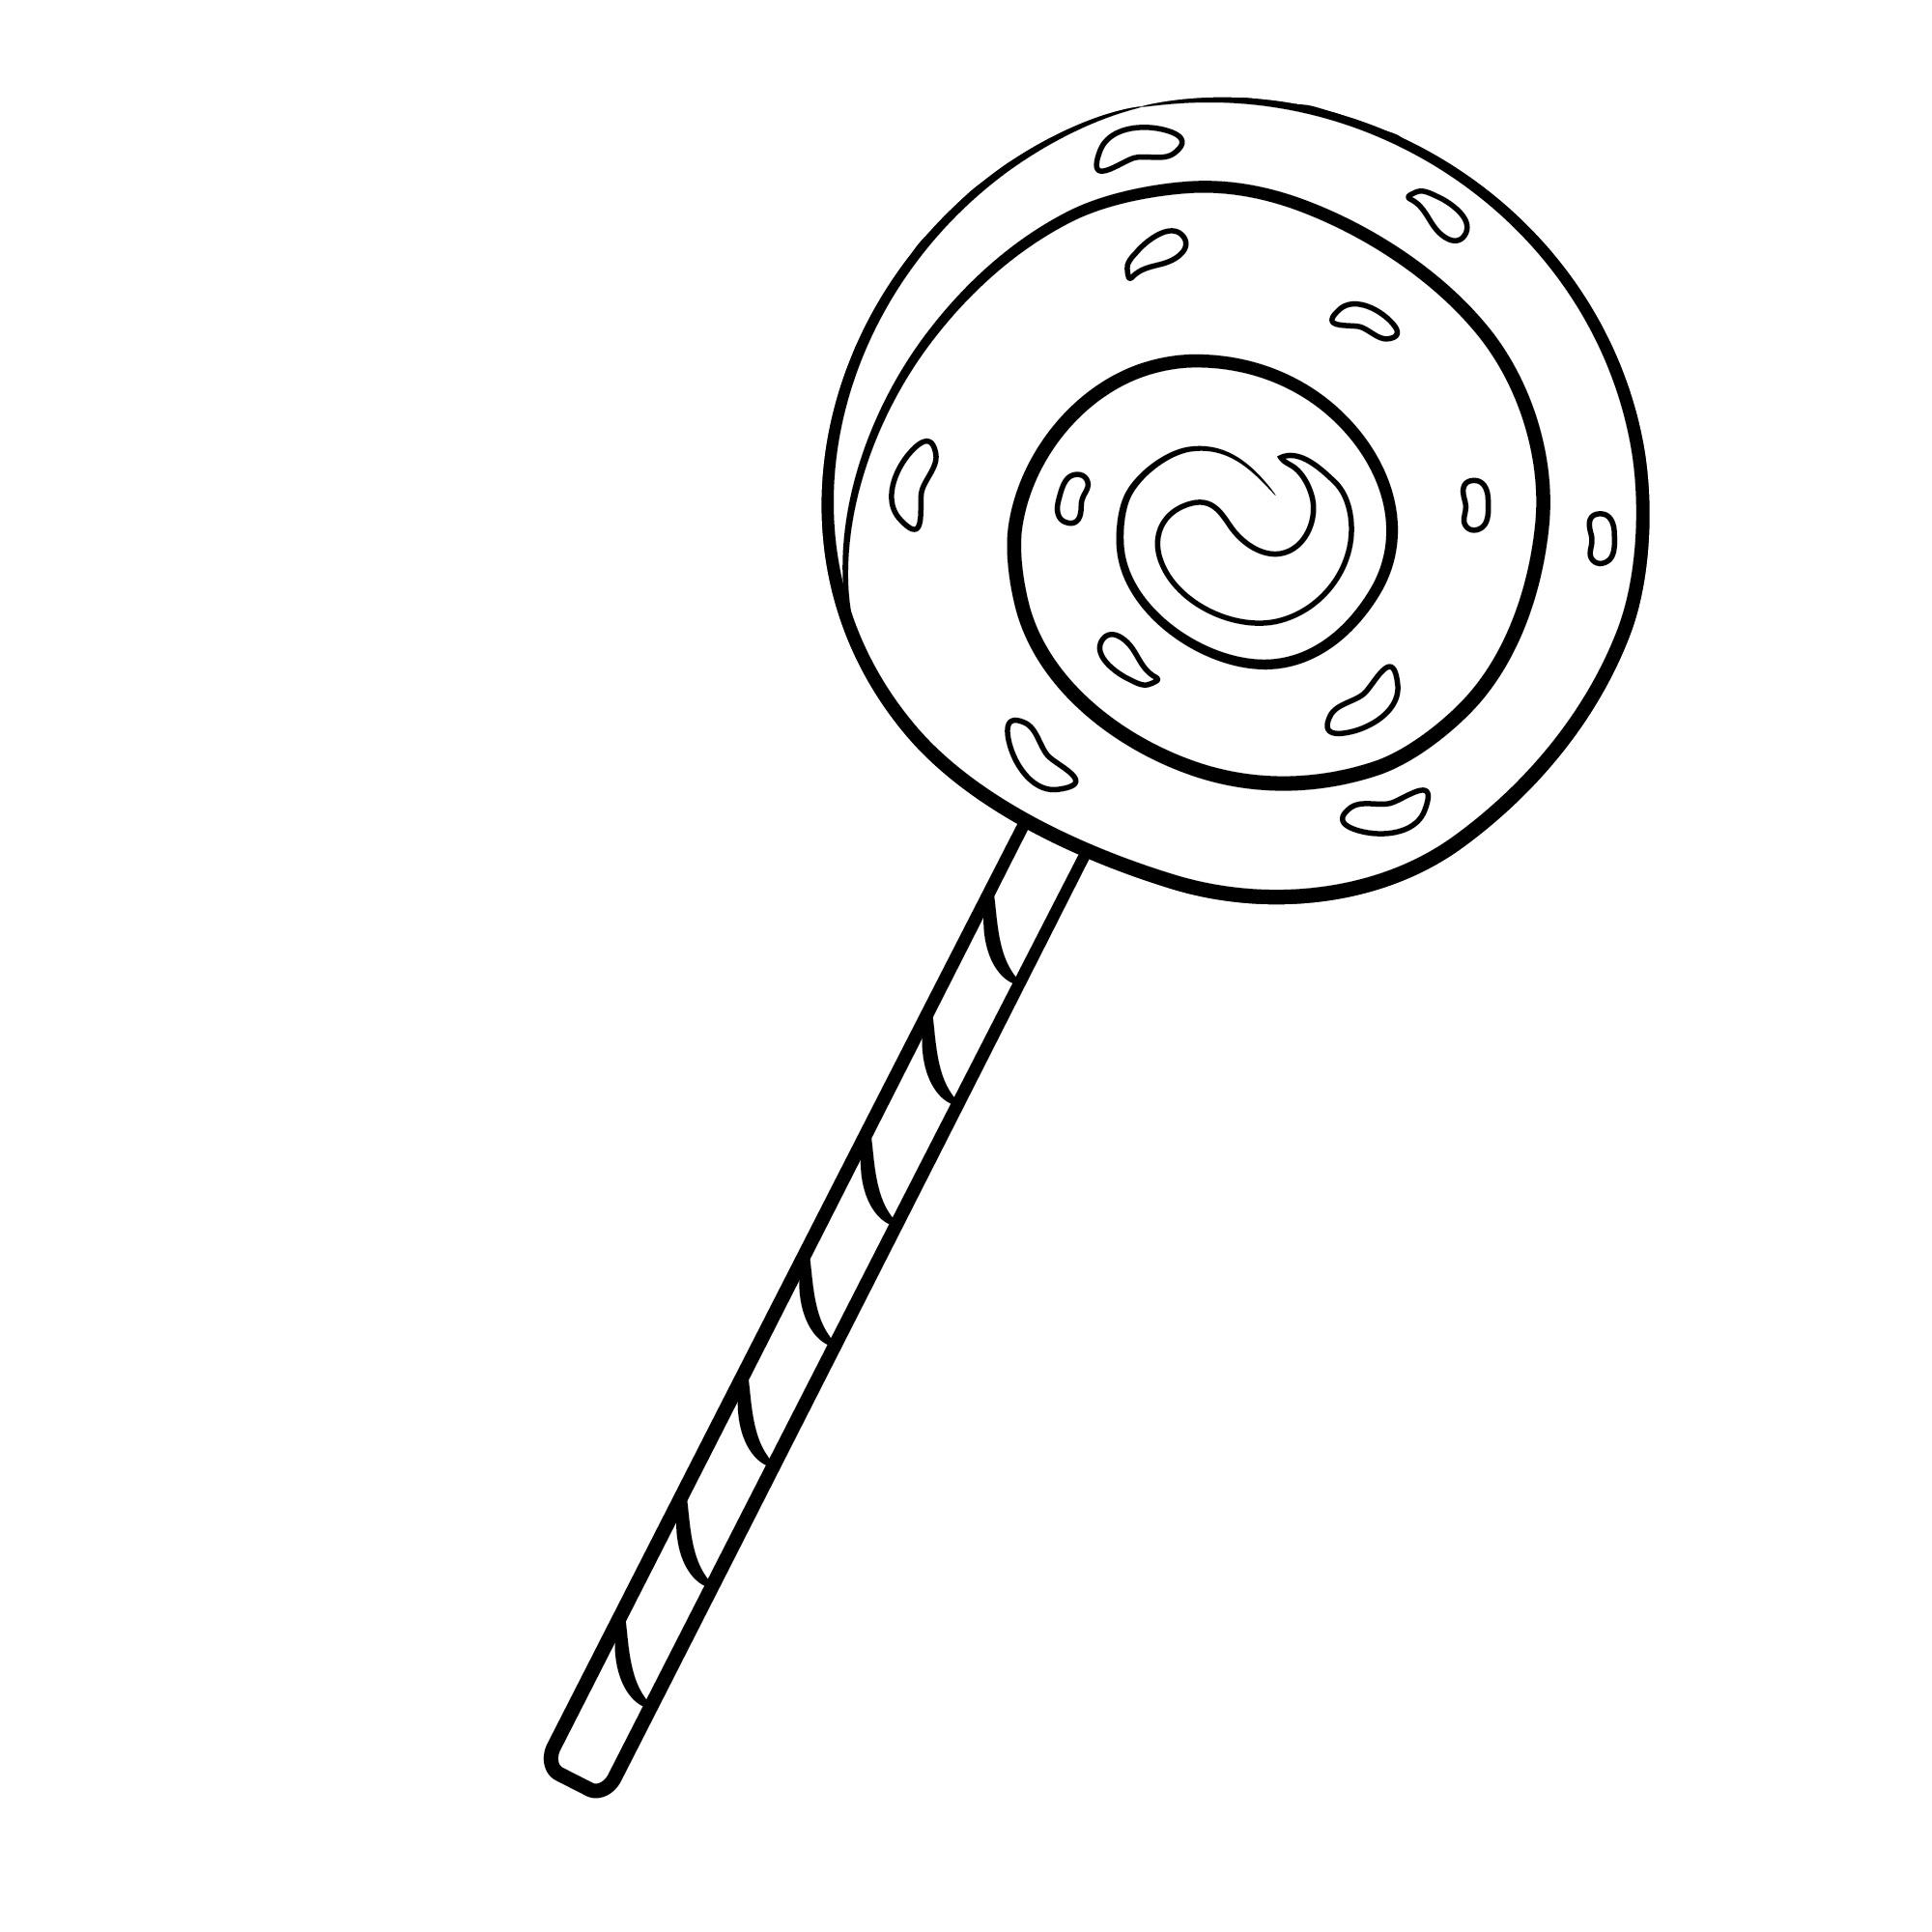 Lollipop Coloring Page | K5 Worksheets